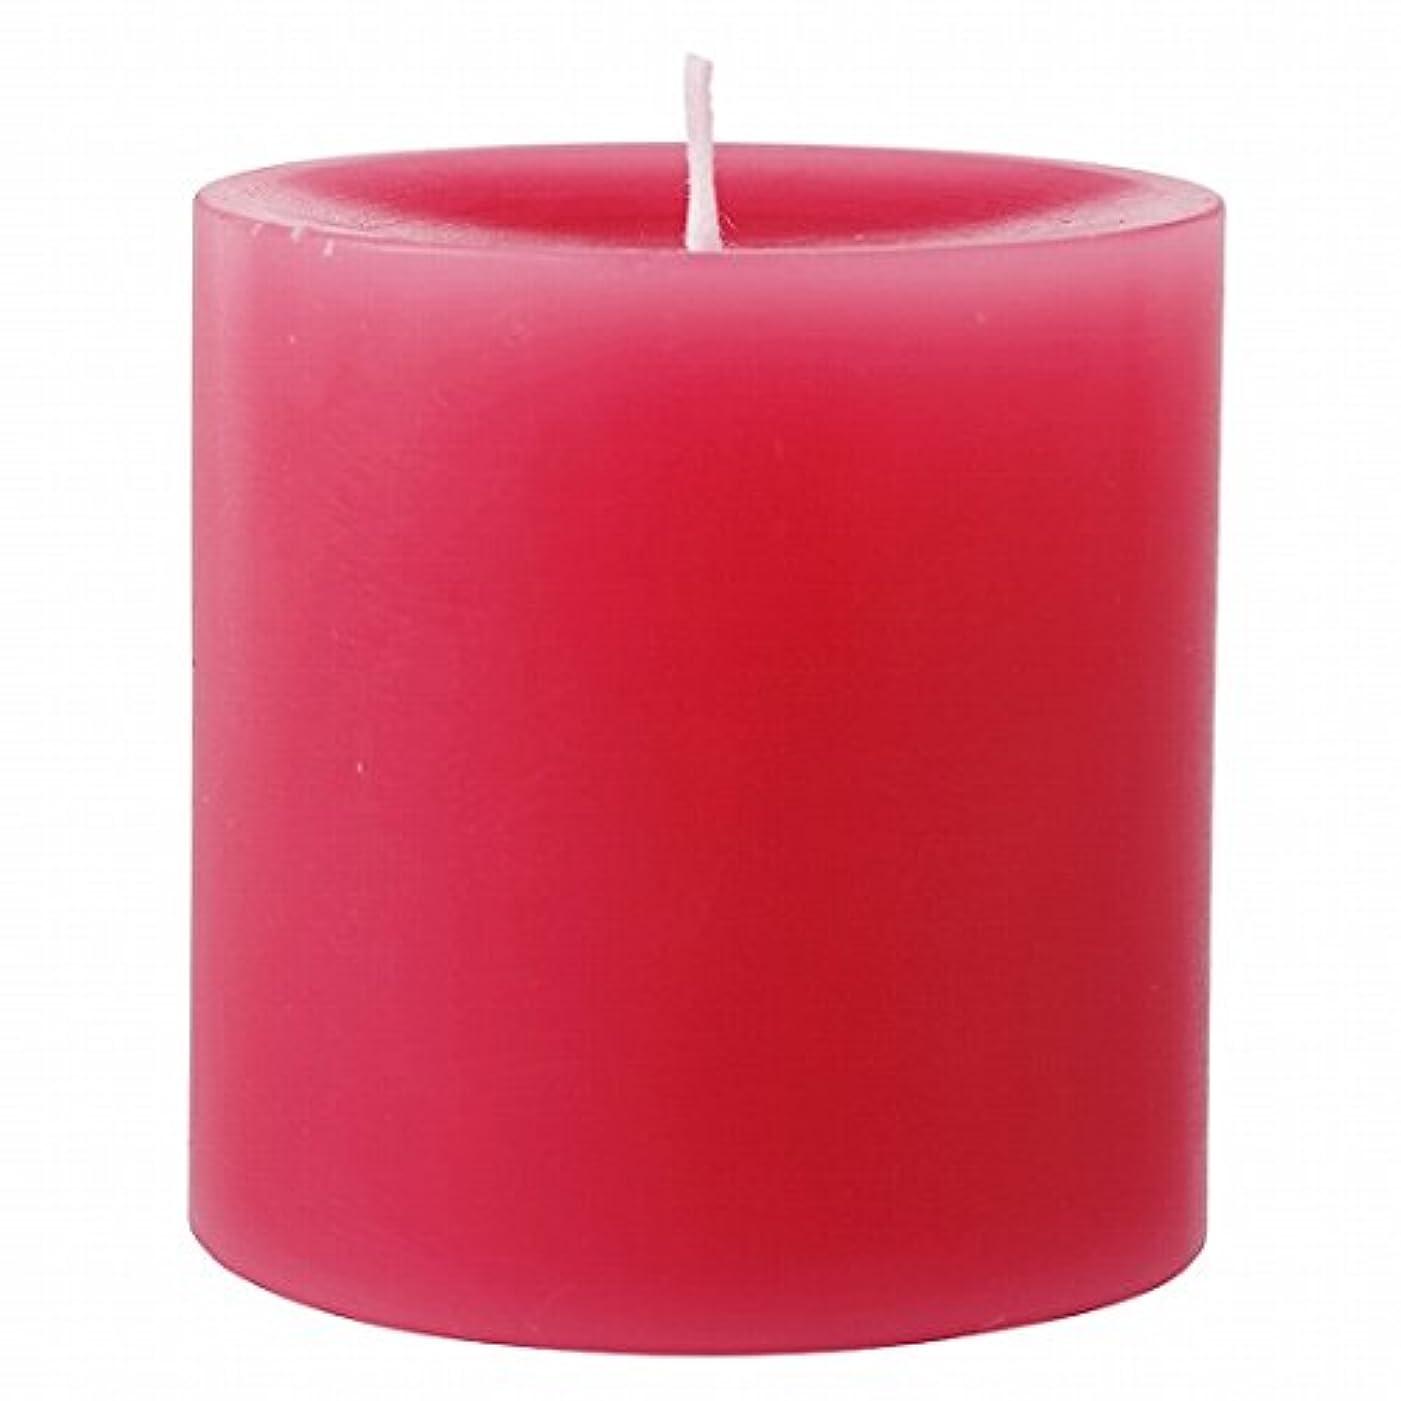 泣くアンペア減少カメヤマキャンドル( kameyama candle ) 75×75ピラーキャンドル 「 ダークピンク 」